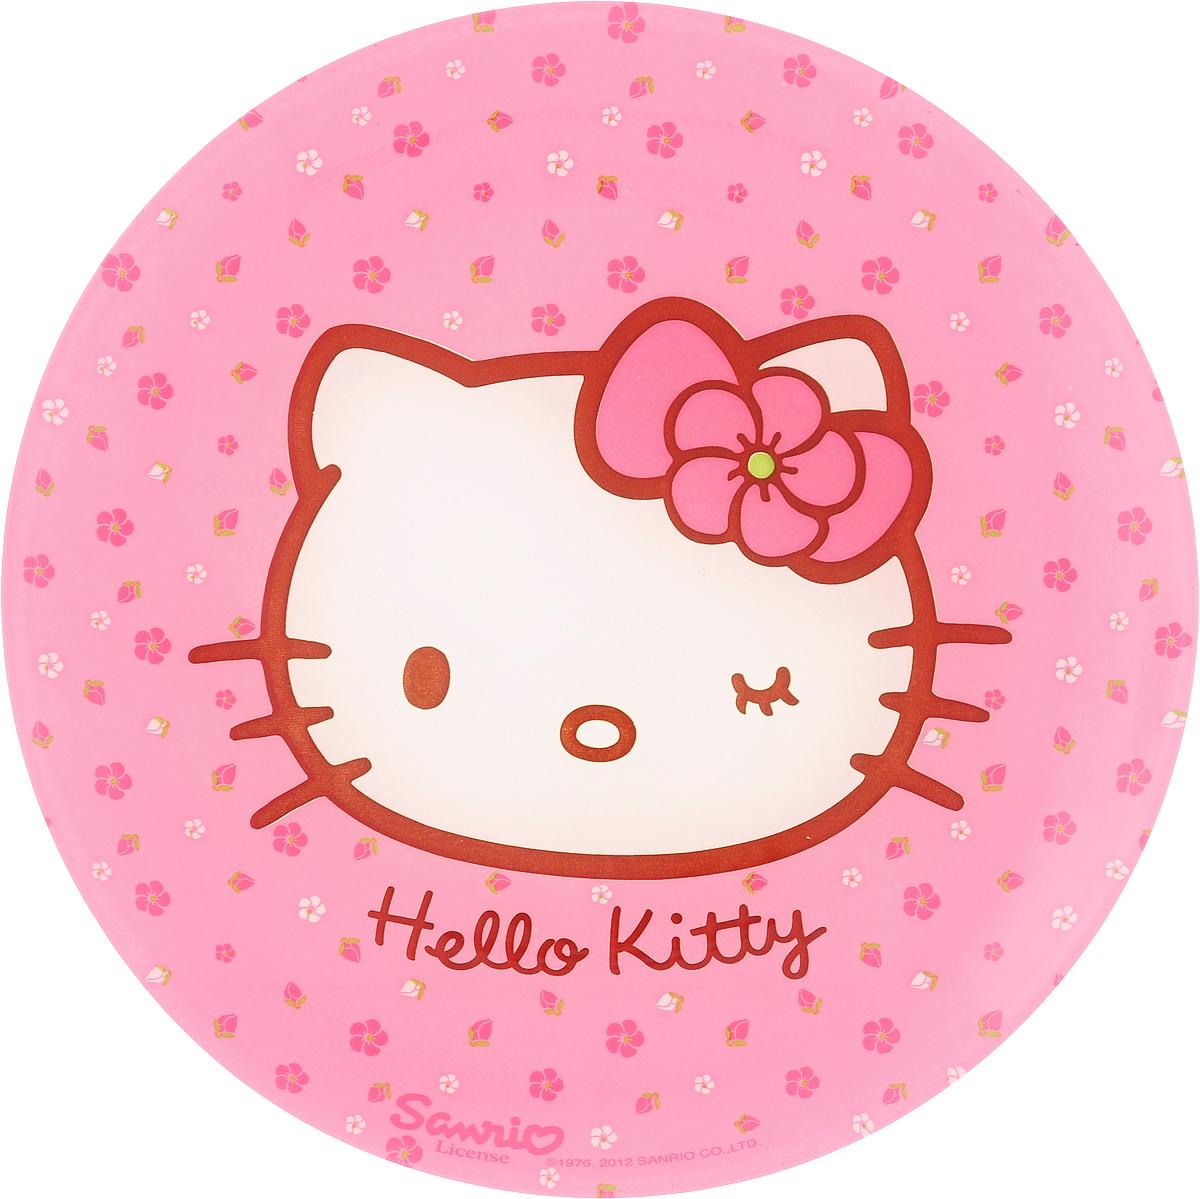 Тарелка десертная Luminarc Hello Kitty. Sweet Pink, диаметр 20 смH5479Десертная тарелка Luminarc Hello Kitty. Sweet Pink, изготовленная из ударопрочного стекла, декорирована ярким рисунком. Такая тарелка прекрасно подходит как для торжественных случаев, так и для повседневного использования. Идеальна для подачи десертов, пирожных, тортов и многого другого. Она прекрасно оформит стол и станет отличным дополнением к вашей коллекции кухонной посуды. Диаметр тарелки (по верхнему краю): 20 см.